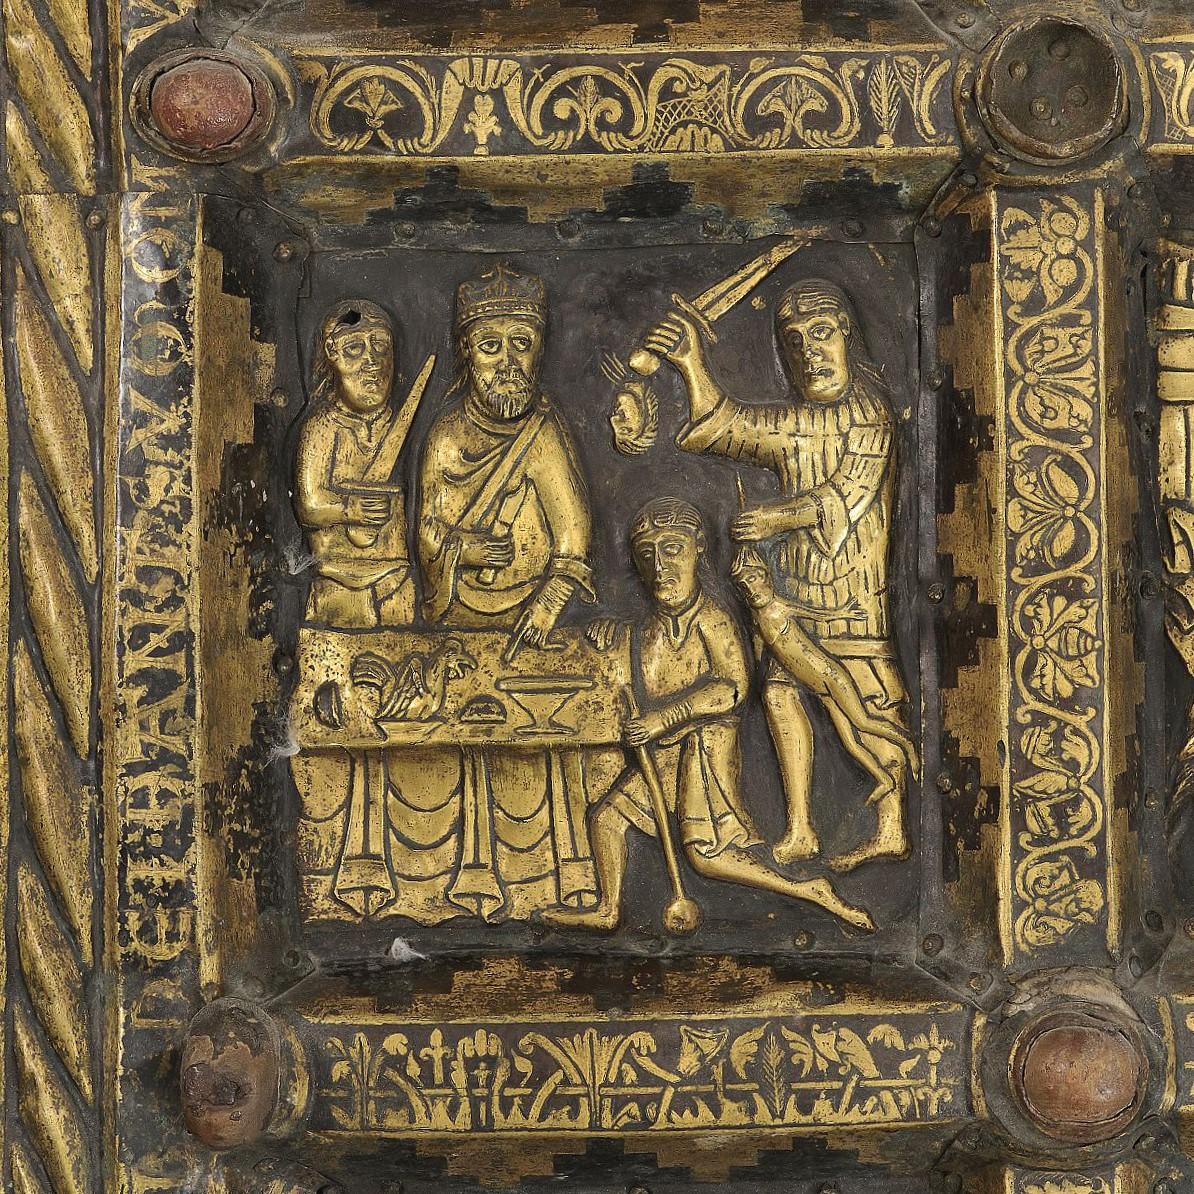 Detalj av Broddetorpsaltaret som visar legenden om Staffan stalledräng.